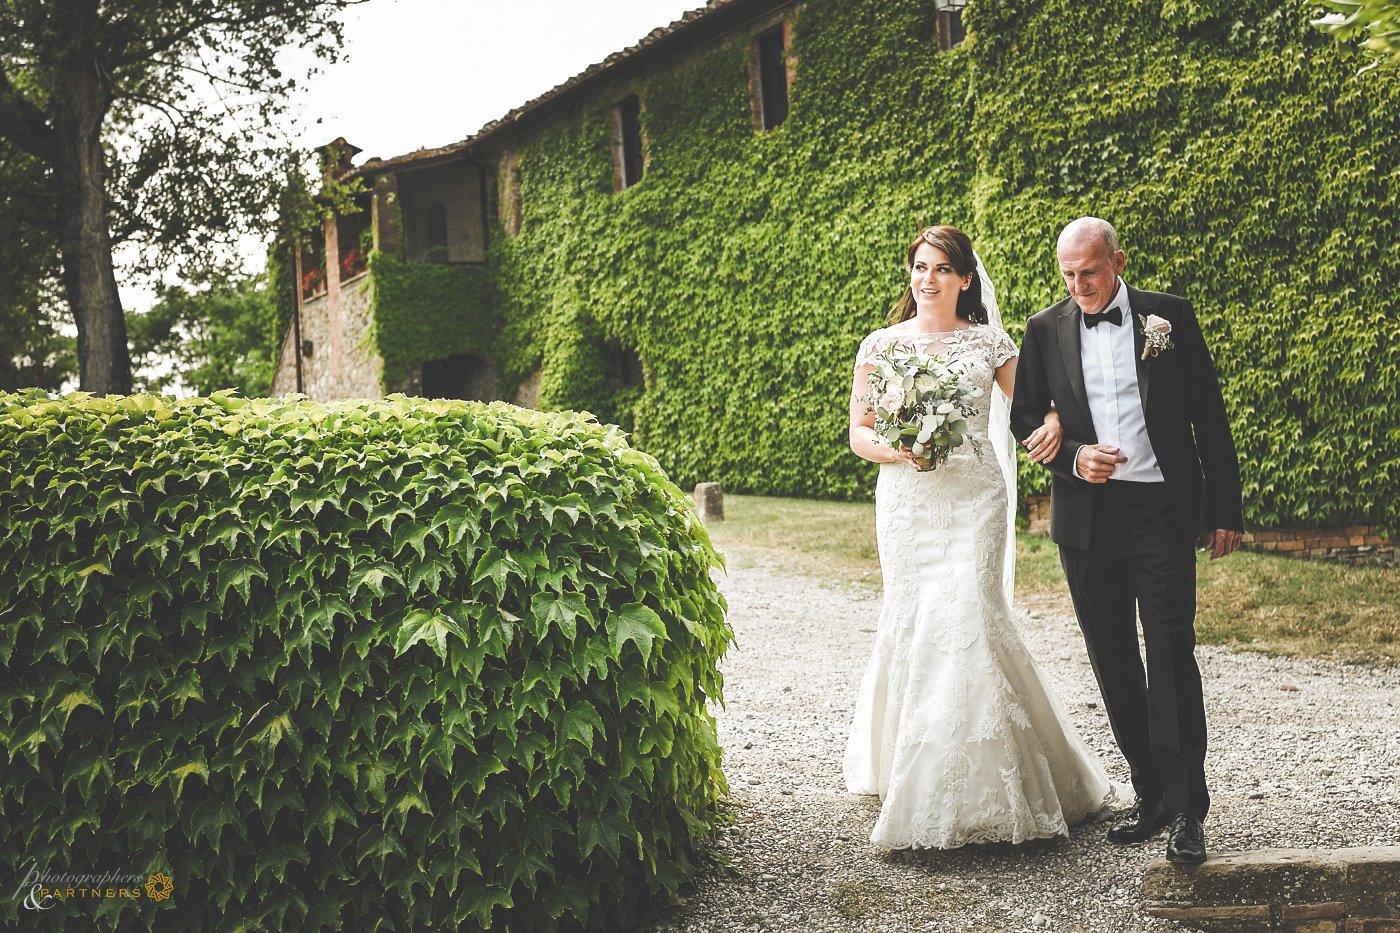 wedding_photos_borgo_castelvecchio_08.2.jpg